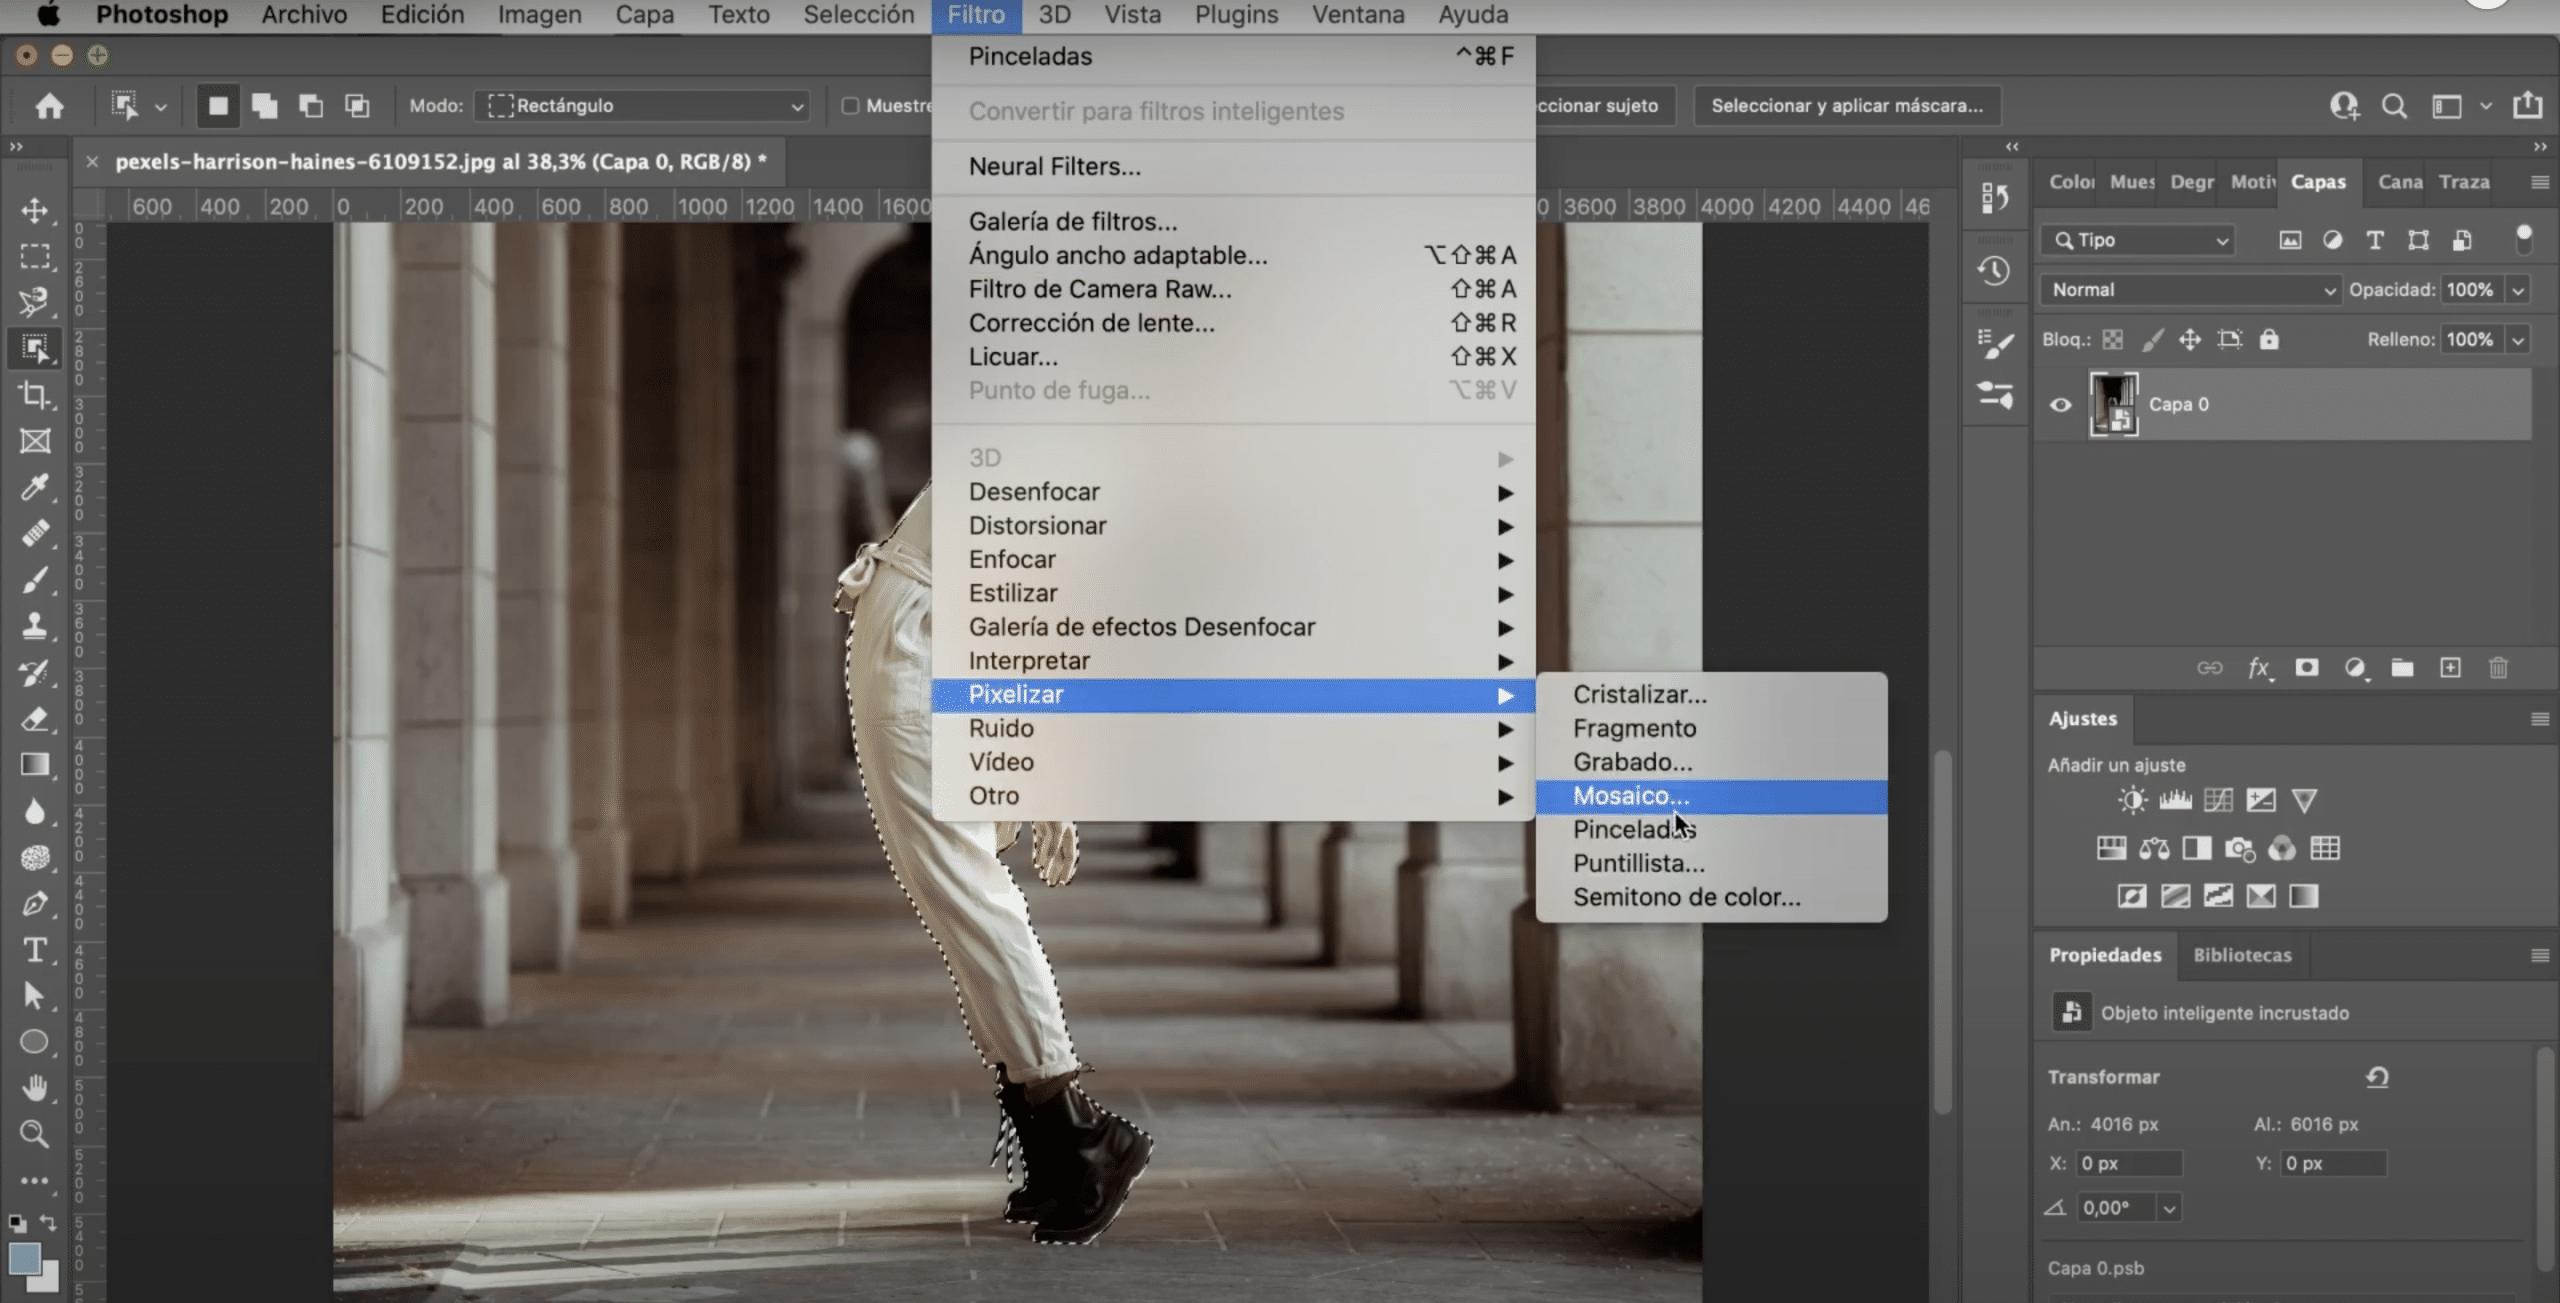 Seleccionar filtro pixelizar mosaico en Photoshop